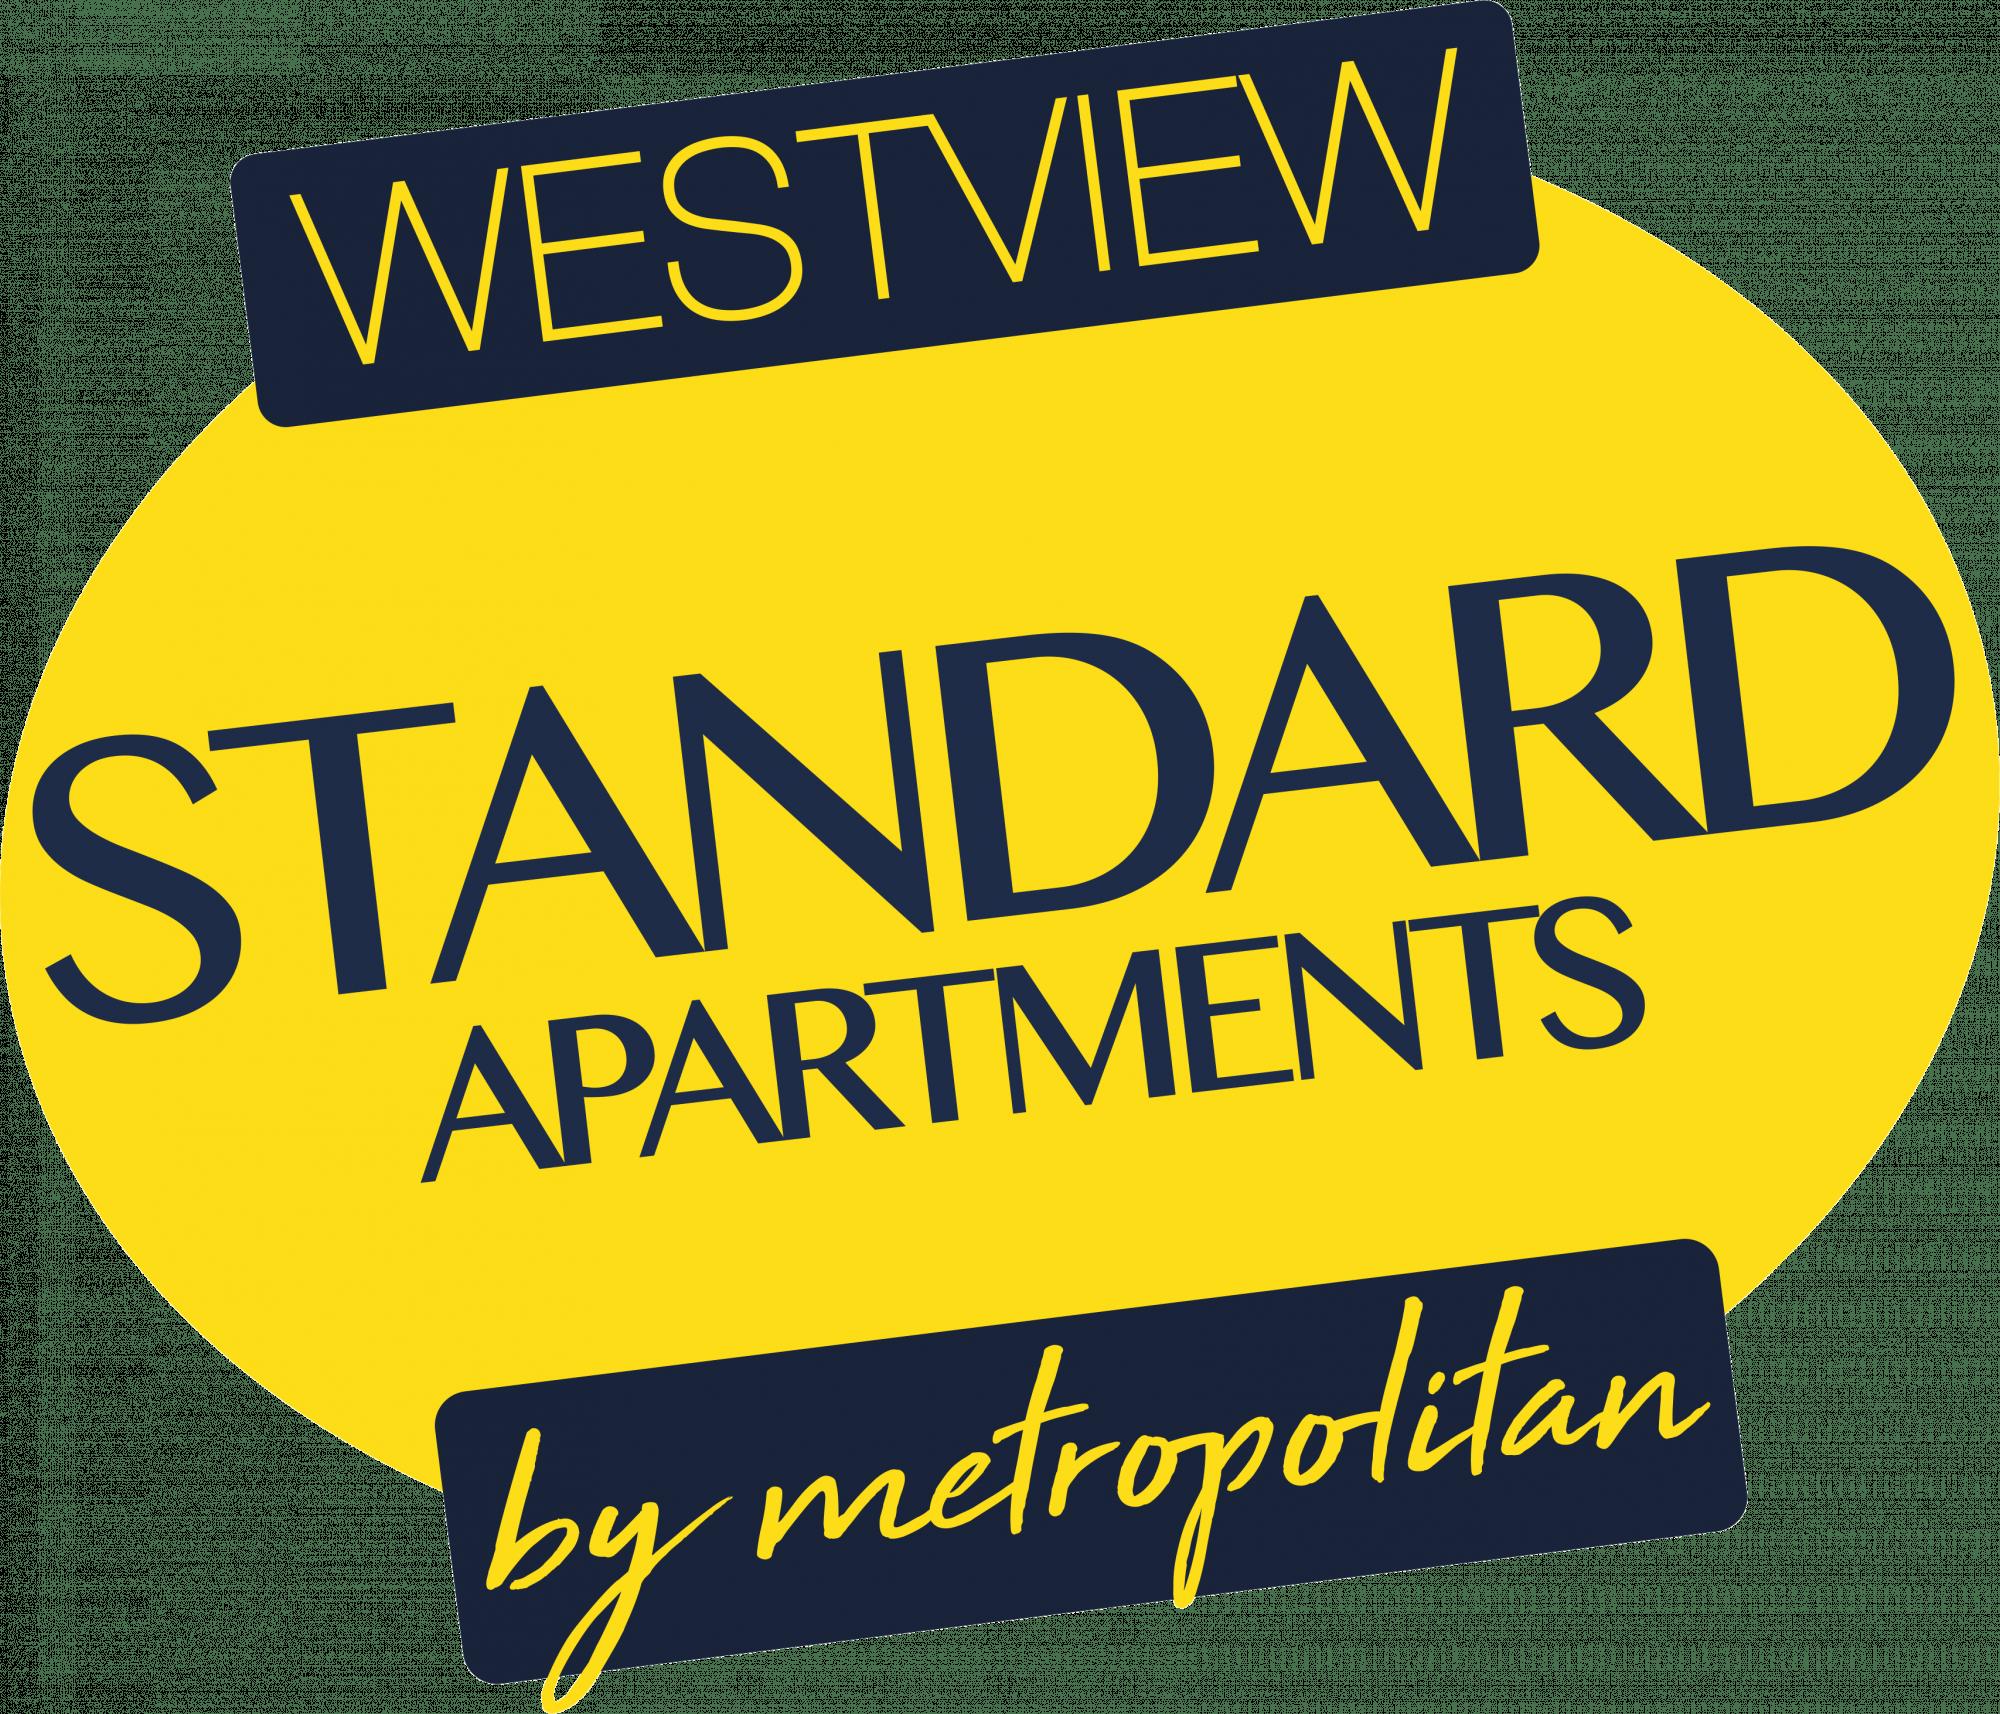 westview standard apartnements